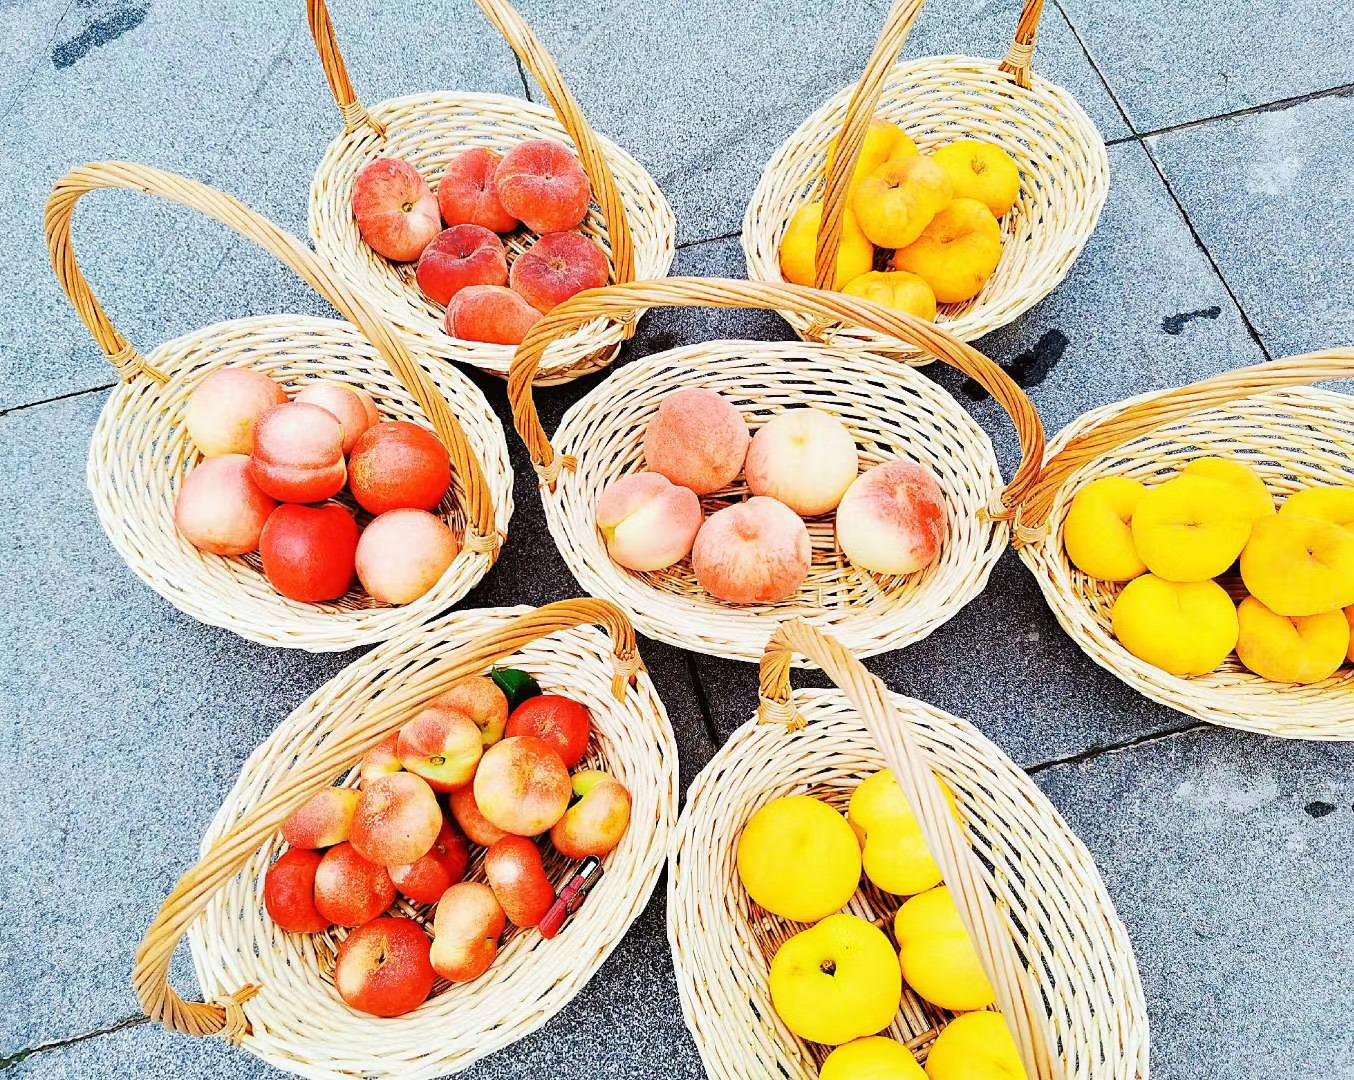 22万亩平谷大桃供应全国市场 黄、白、油、蟠四大类品种采摘期持续至10月